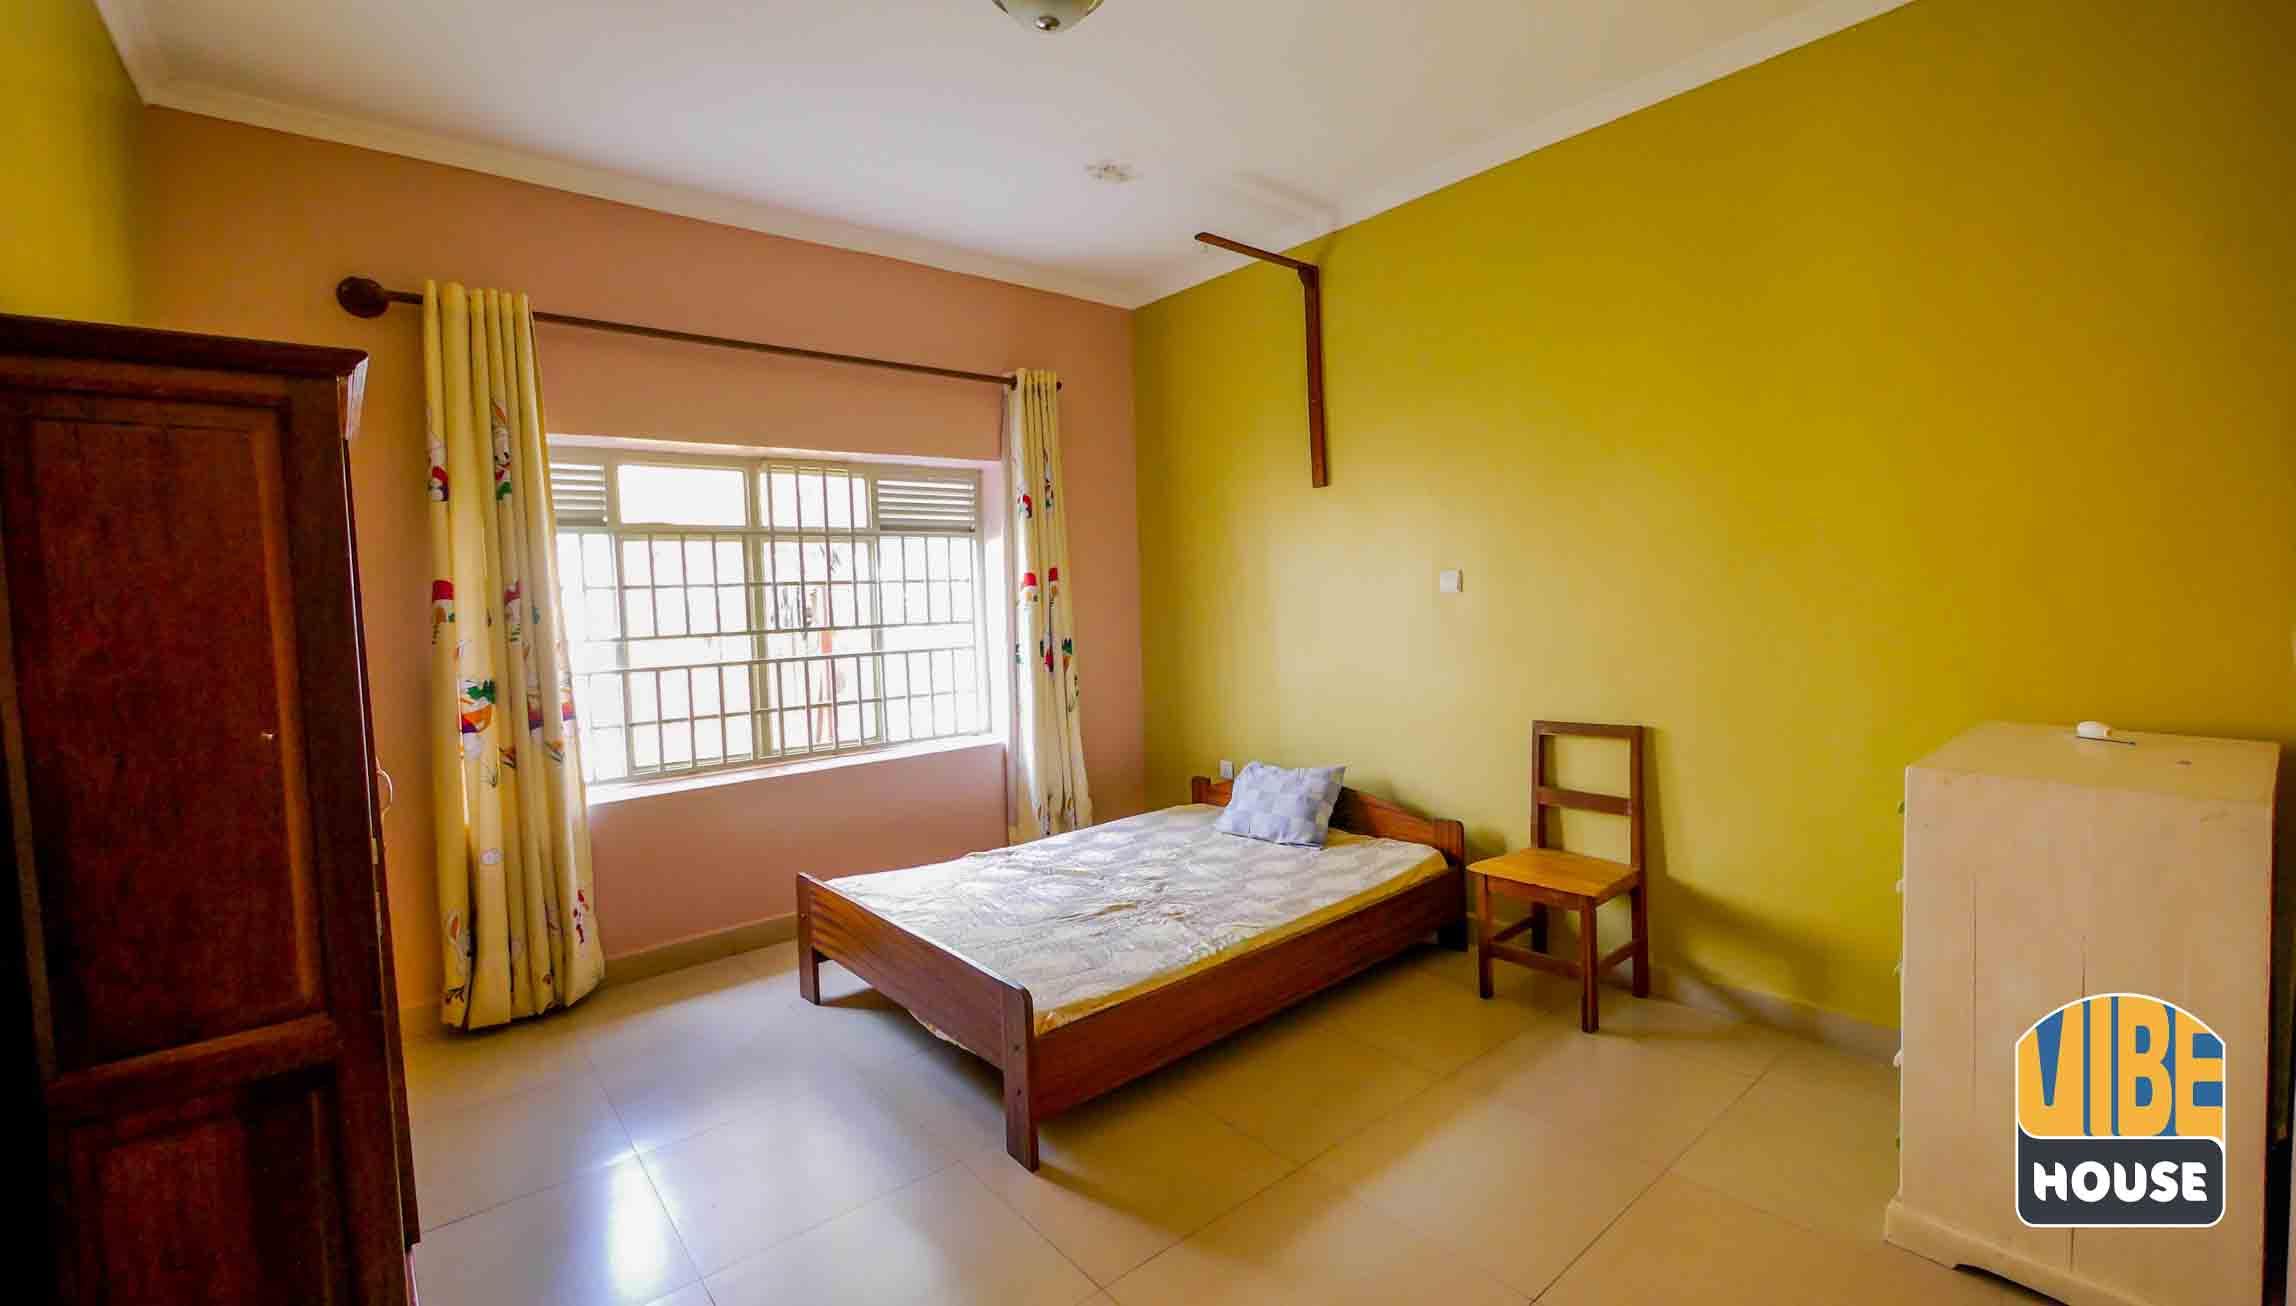 Fully Furnished House for rent in Kibagabaga, Kigali